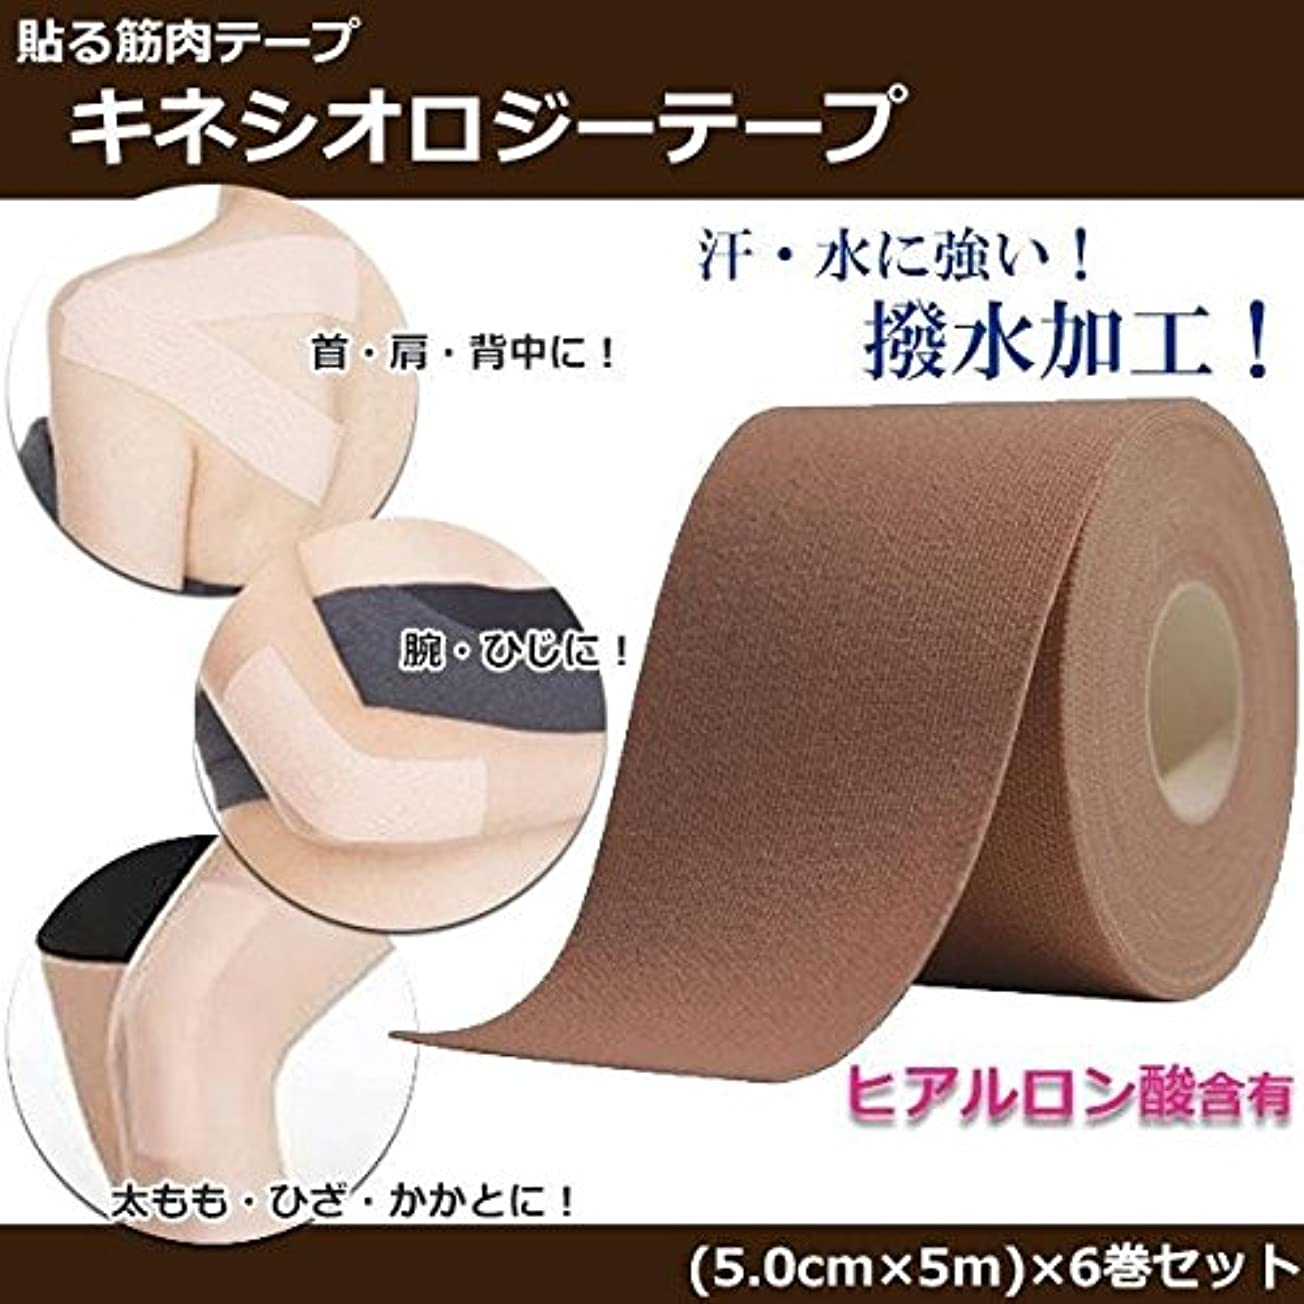 裂け目不誠実甘くする貼る筋肉テープ キネシオロジーテープ ヒアルロン酸含有 日本製 6巻セット